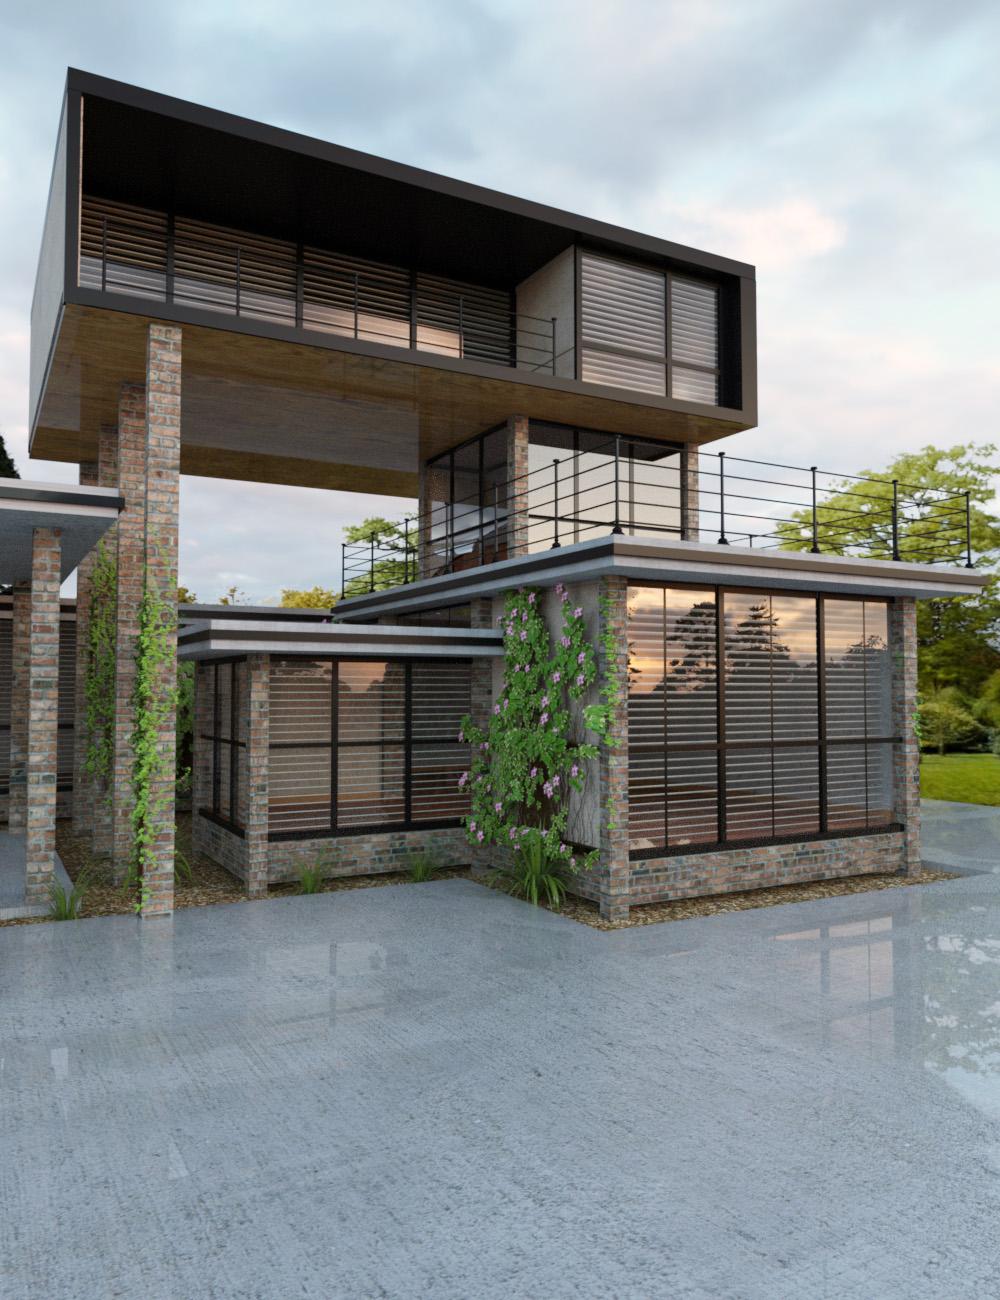 Modular Home Builder by: ImagineX, 3D Models by Daz 3D